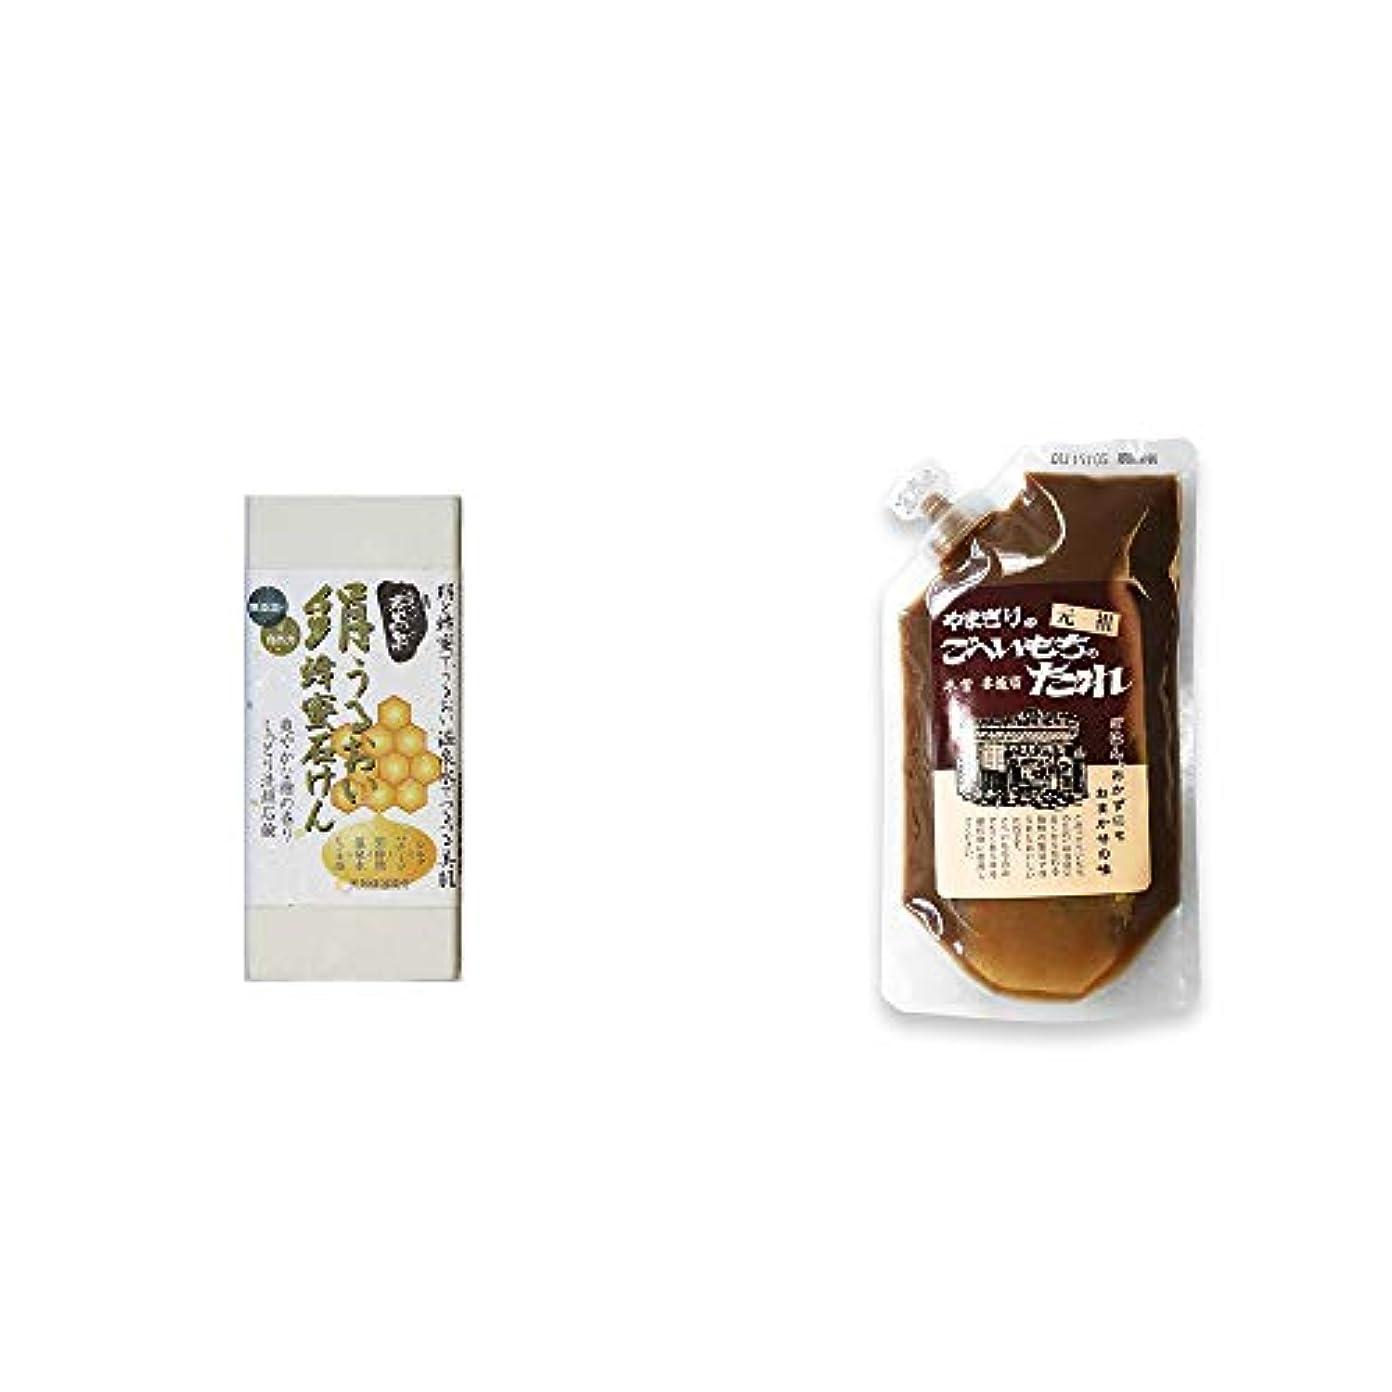 クロニクル時間厳守バイソン[2点セット] ひのき炭黒泉 絹うるおい蜂蜜石けん(75g×2)?妻籠宿 やまぎり食堂 ごへい餅のたれ(250g)